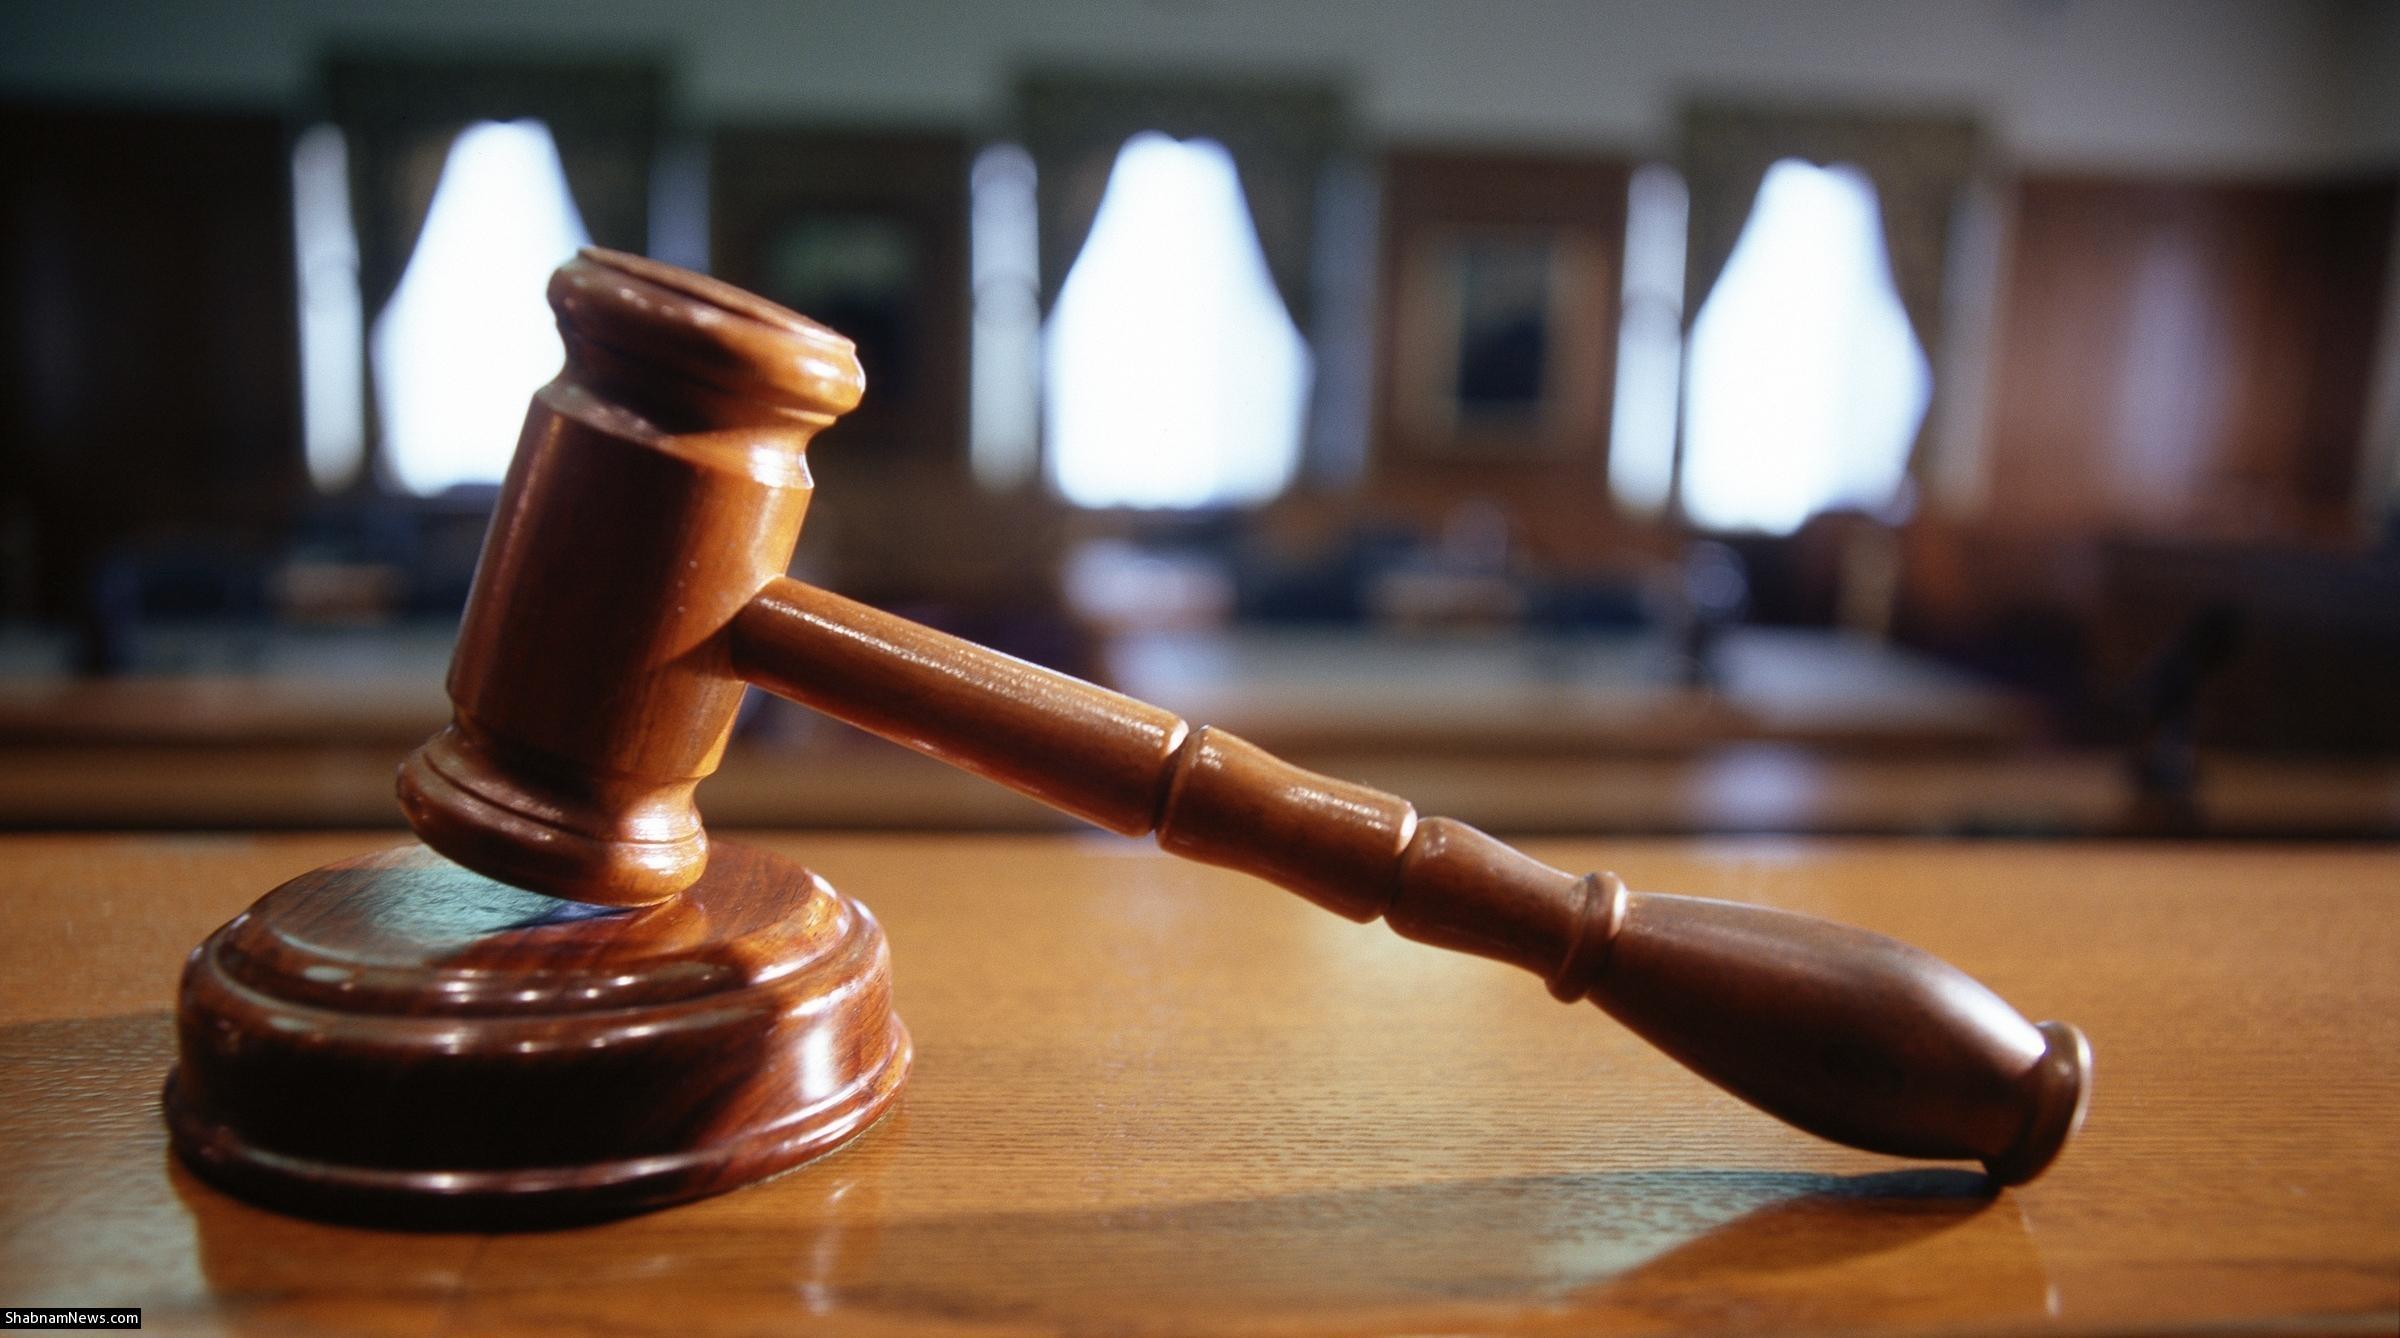 جرم دائر کردن مراکز فساد و فحشا در آیینه قوانین